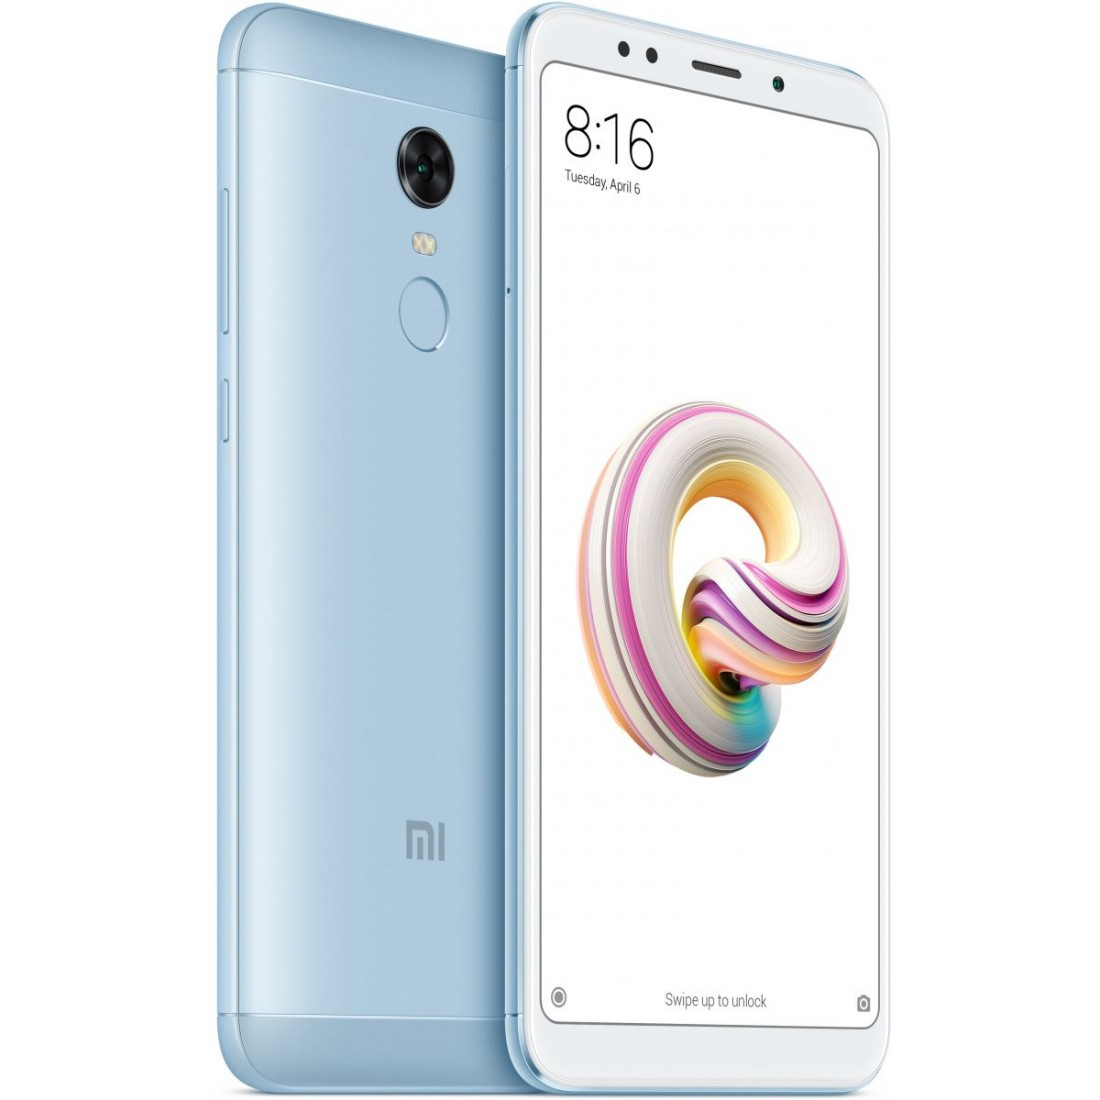 Смартфон Xiaomi Redmi 5 Plus 4/64GB blue смартфон xiaomi redmi 5 plus 32gb blue